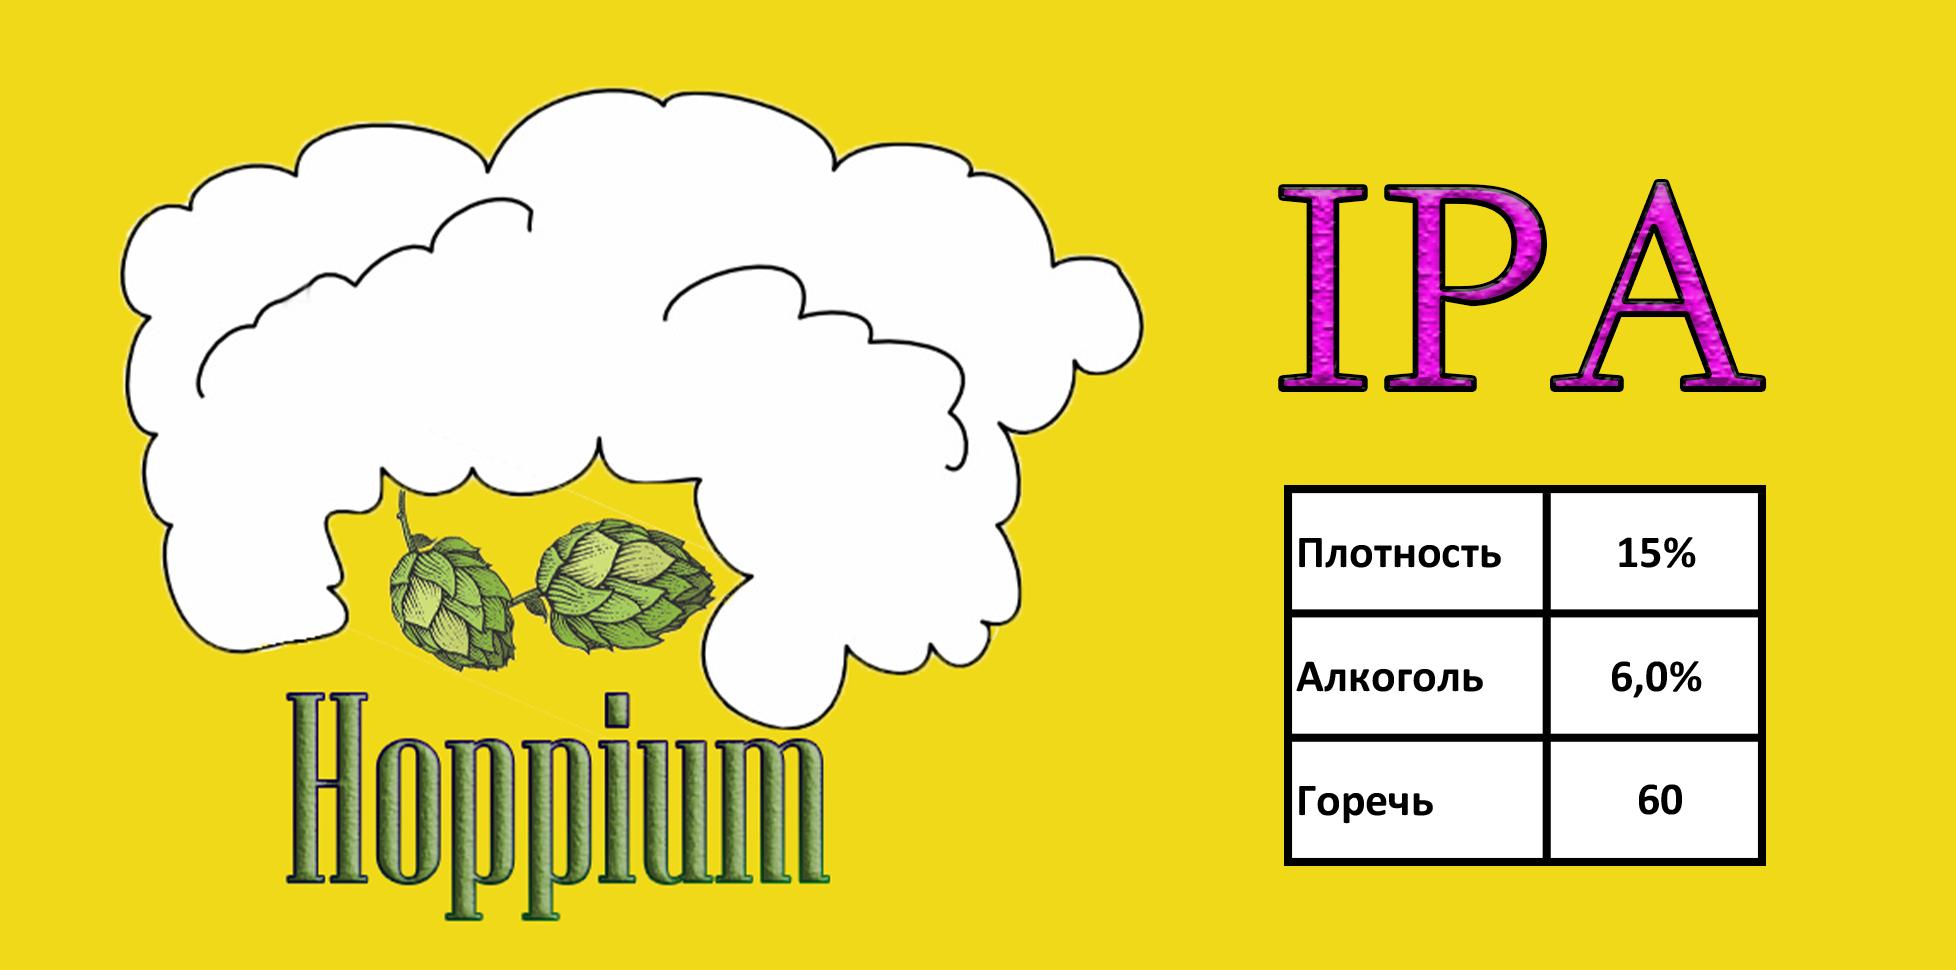 Логотип + Ценники для подмосковной крафтовой пивоварни фото f_8895dbd8827933b5.png